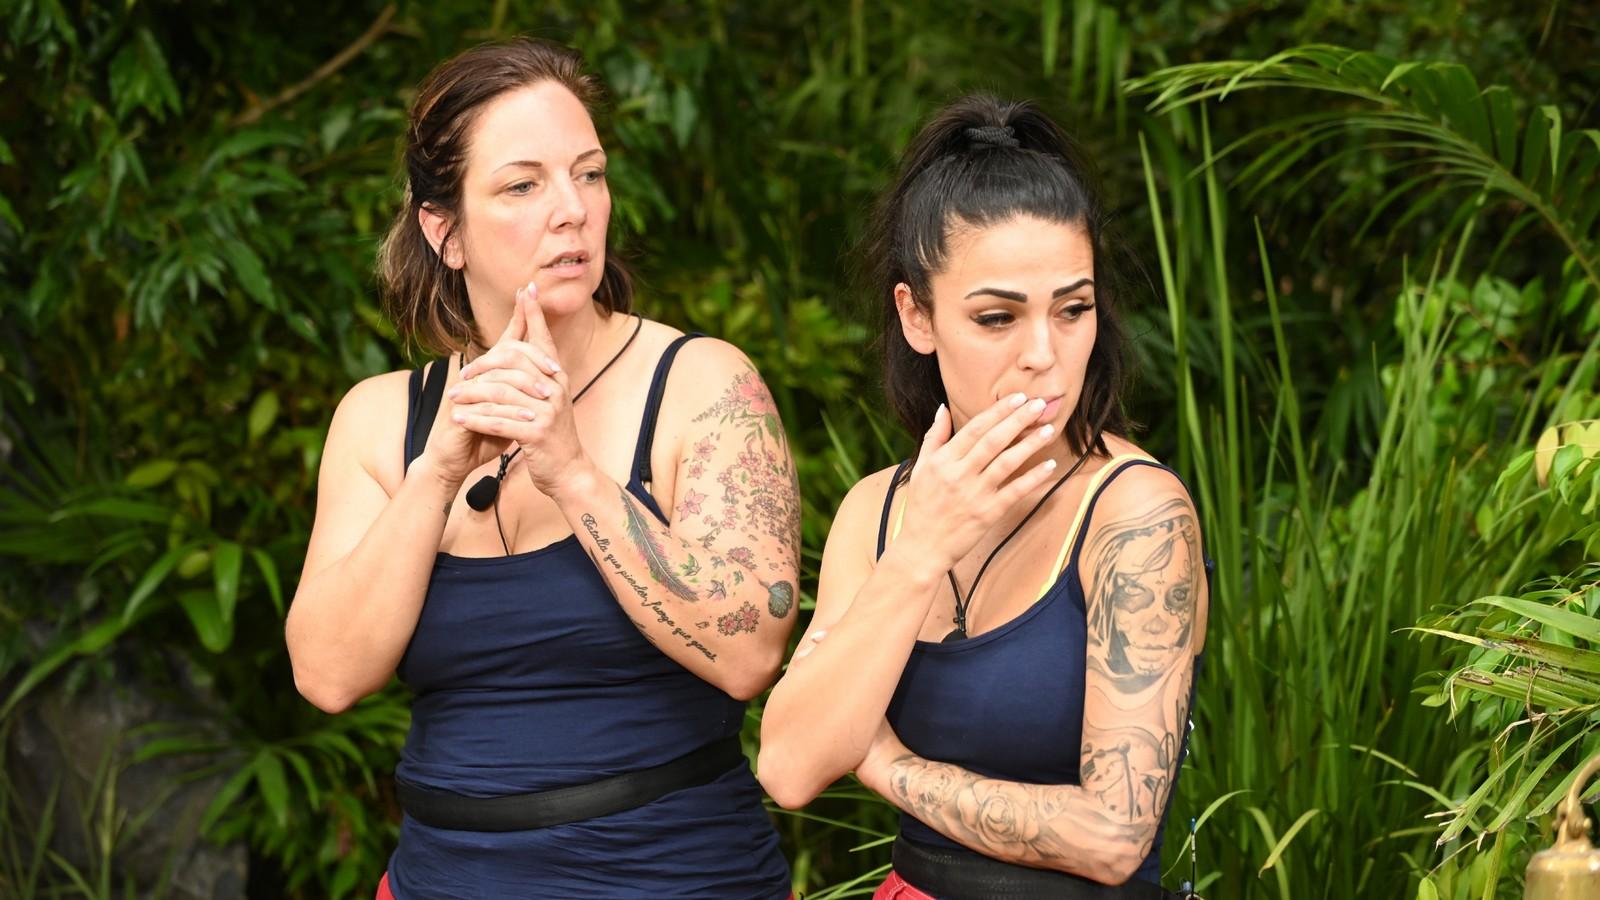 Daniela Büchner und Elena Miras im Dschungelcamp